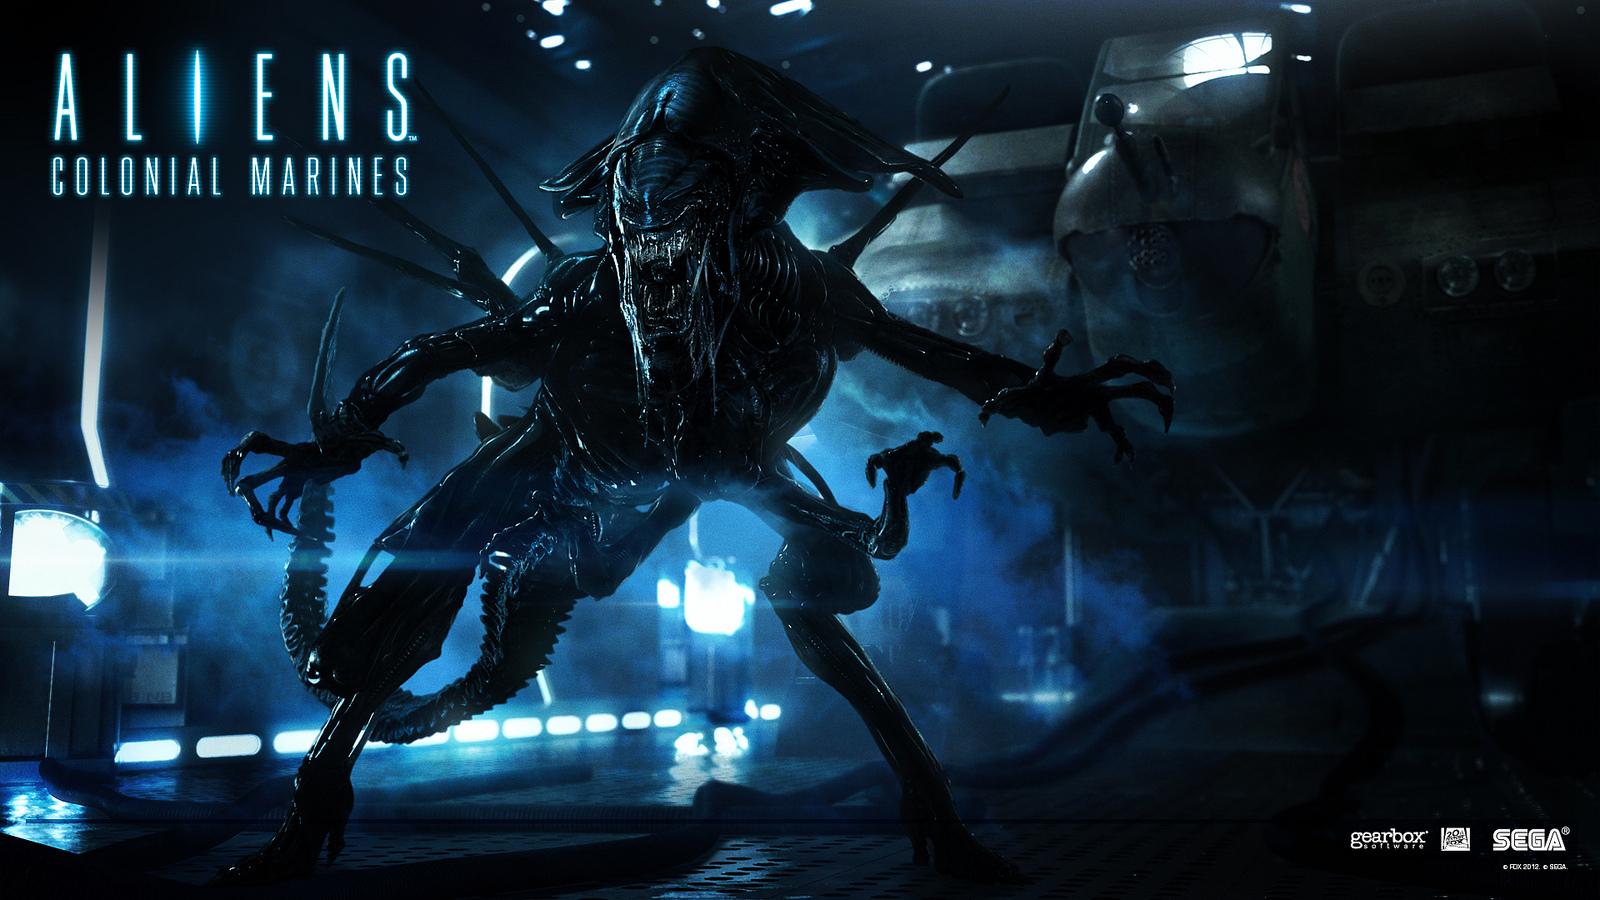 Alien Queen Wallpaper for Aliens Colonial Marines Alien Movies 1600x900